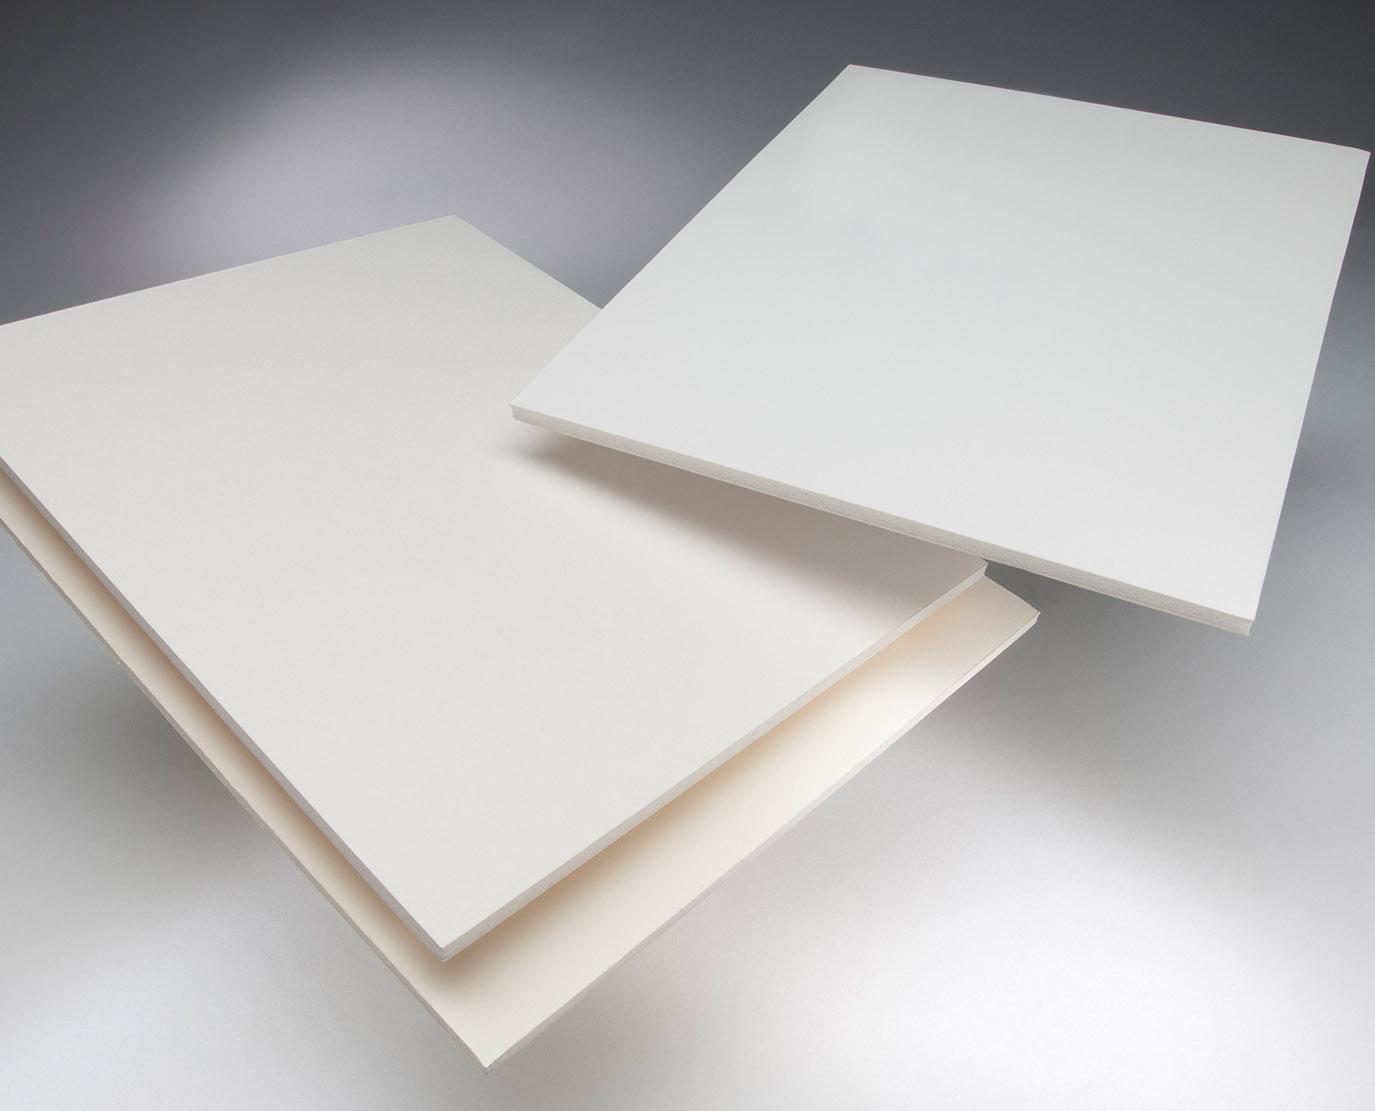 foam sign material